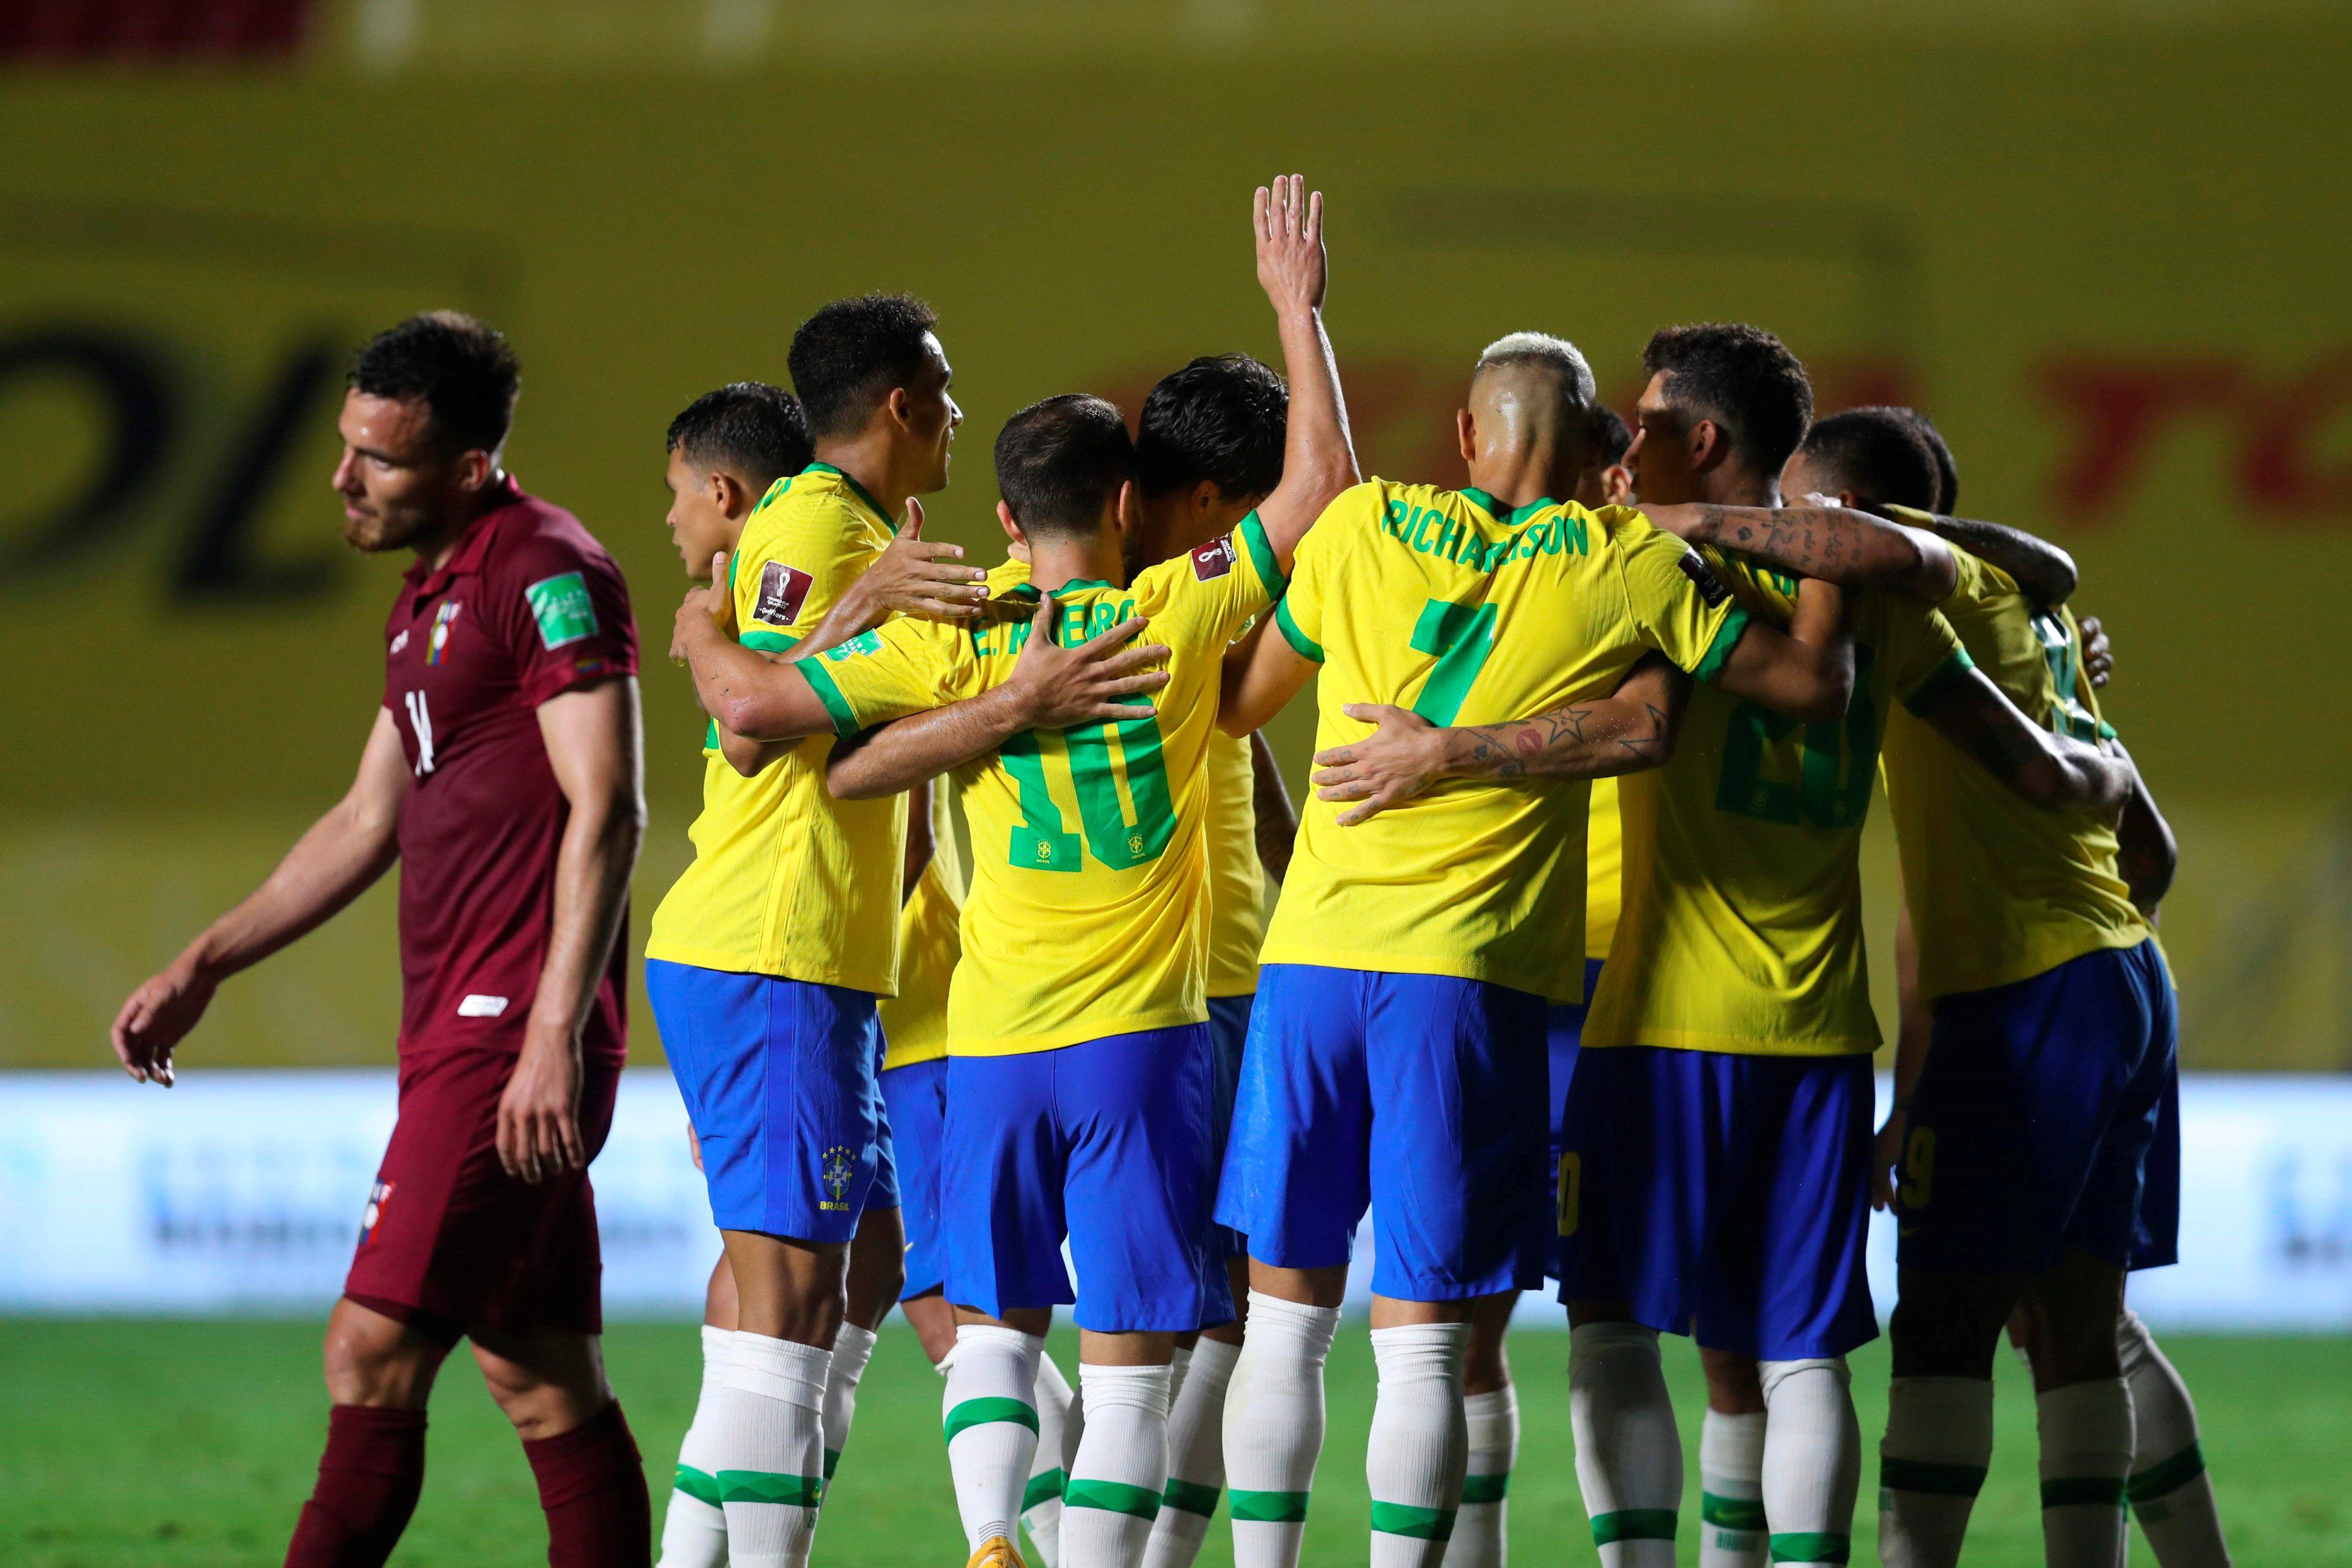 brasil-quiere-otra-medalla-de-oro-en-futbol-y-prepara-una-'sorpresa'-en-la-lista-de-convocados